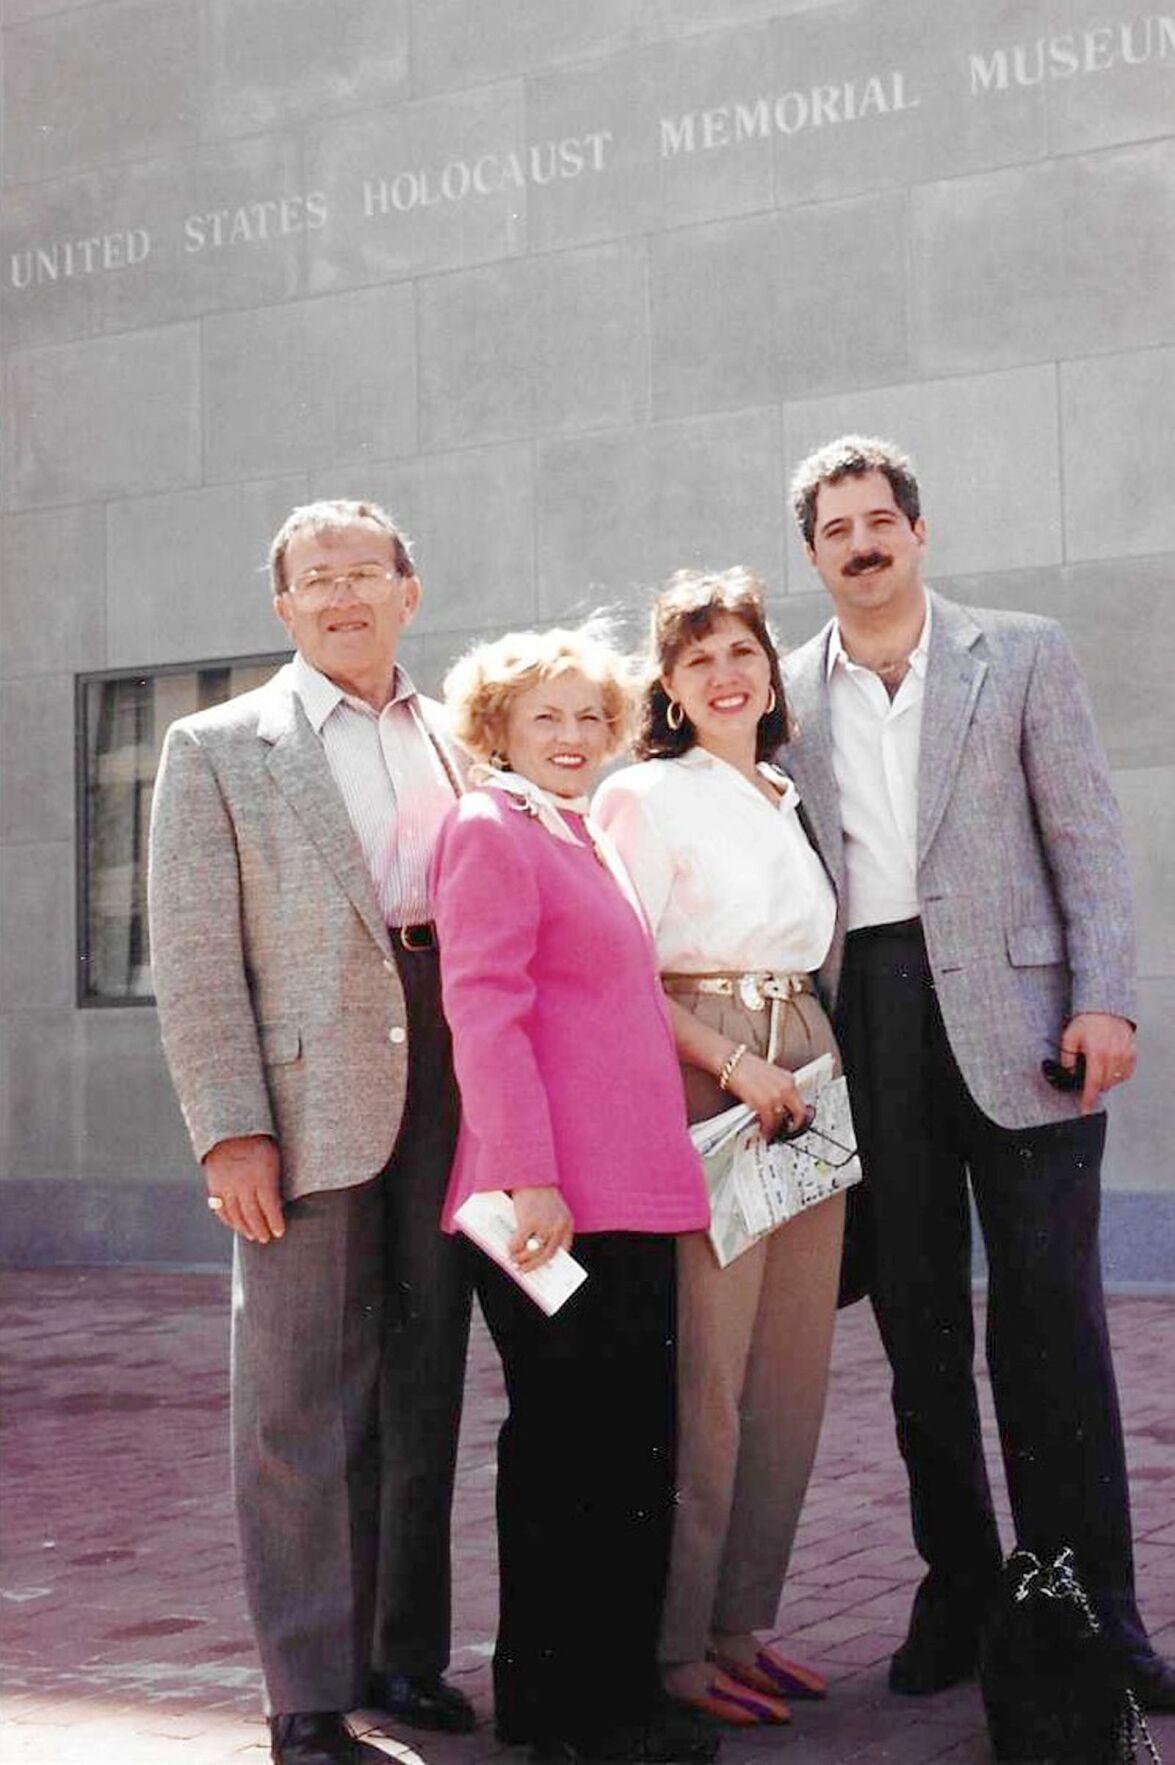 012021_MNS_Holocaust_event_002 Karen Edlin Andrew Edlin Lola Lansky Rubin Lansky